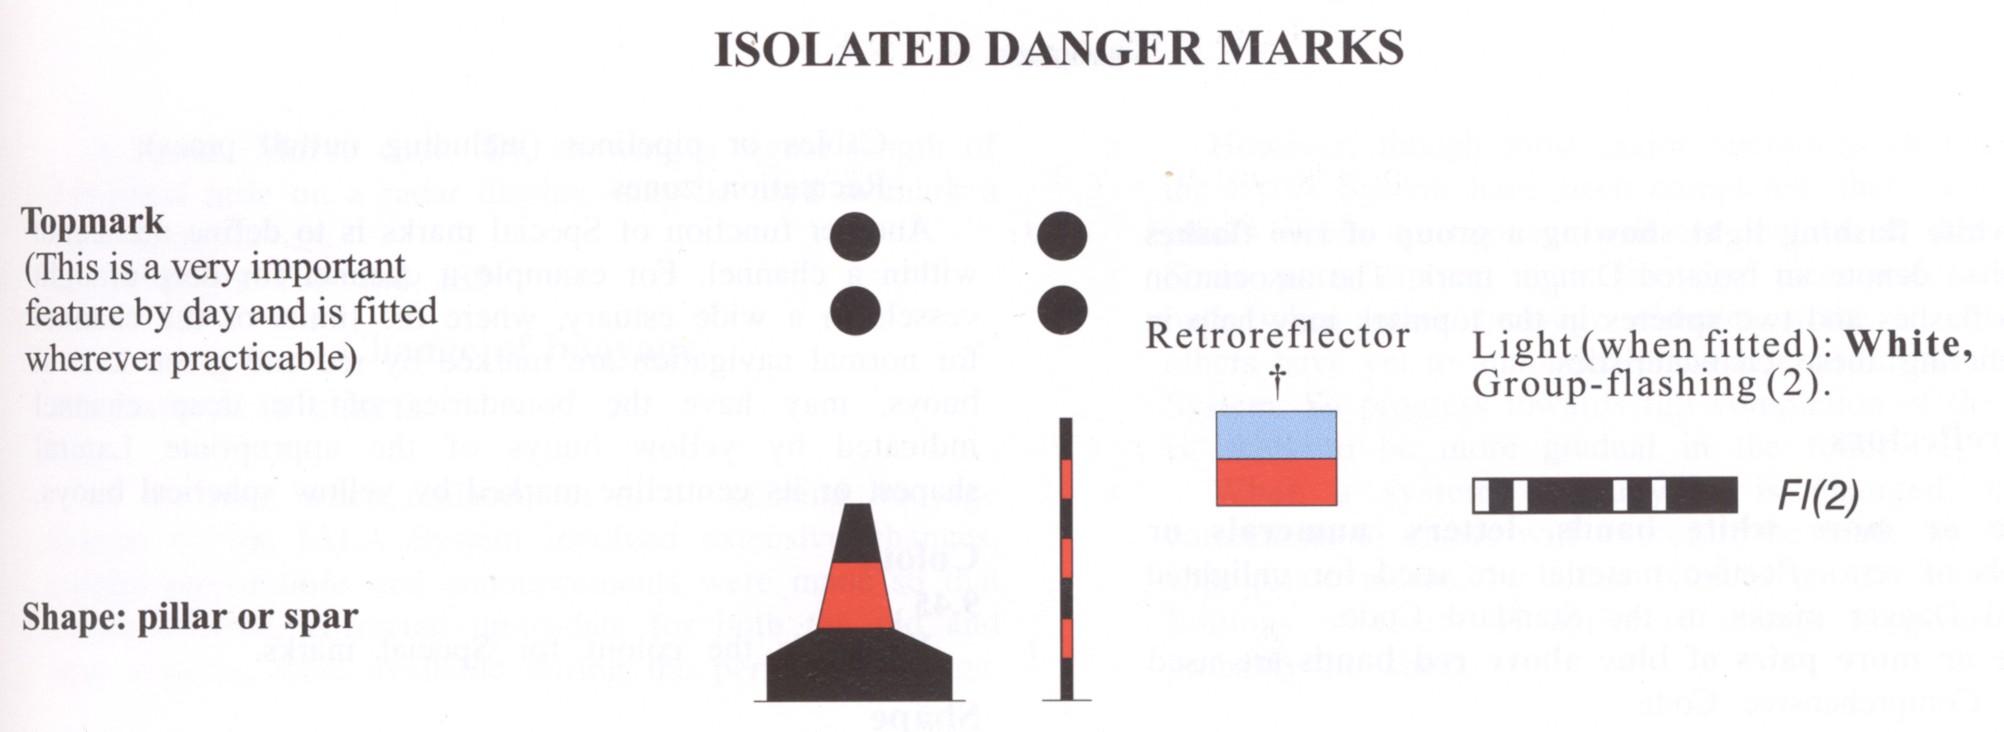 Isolated Danger Marks